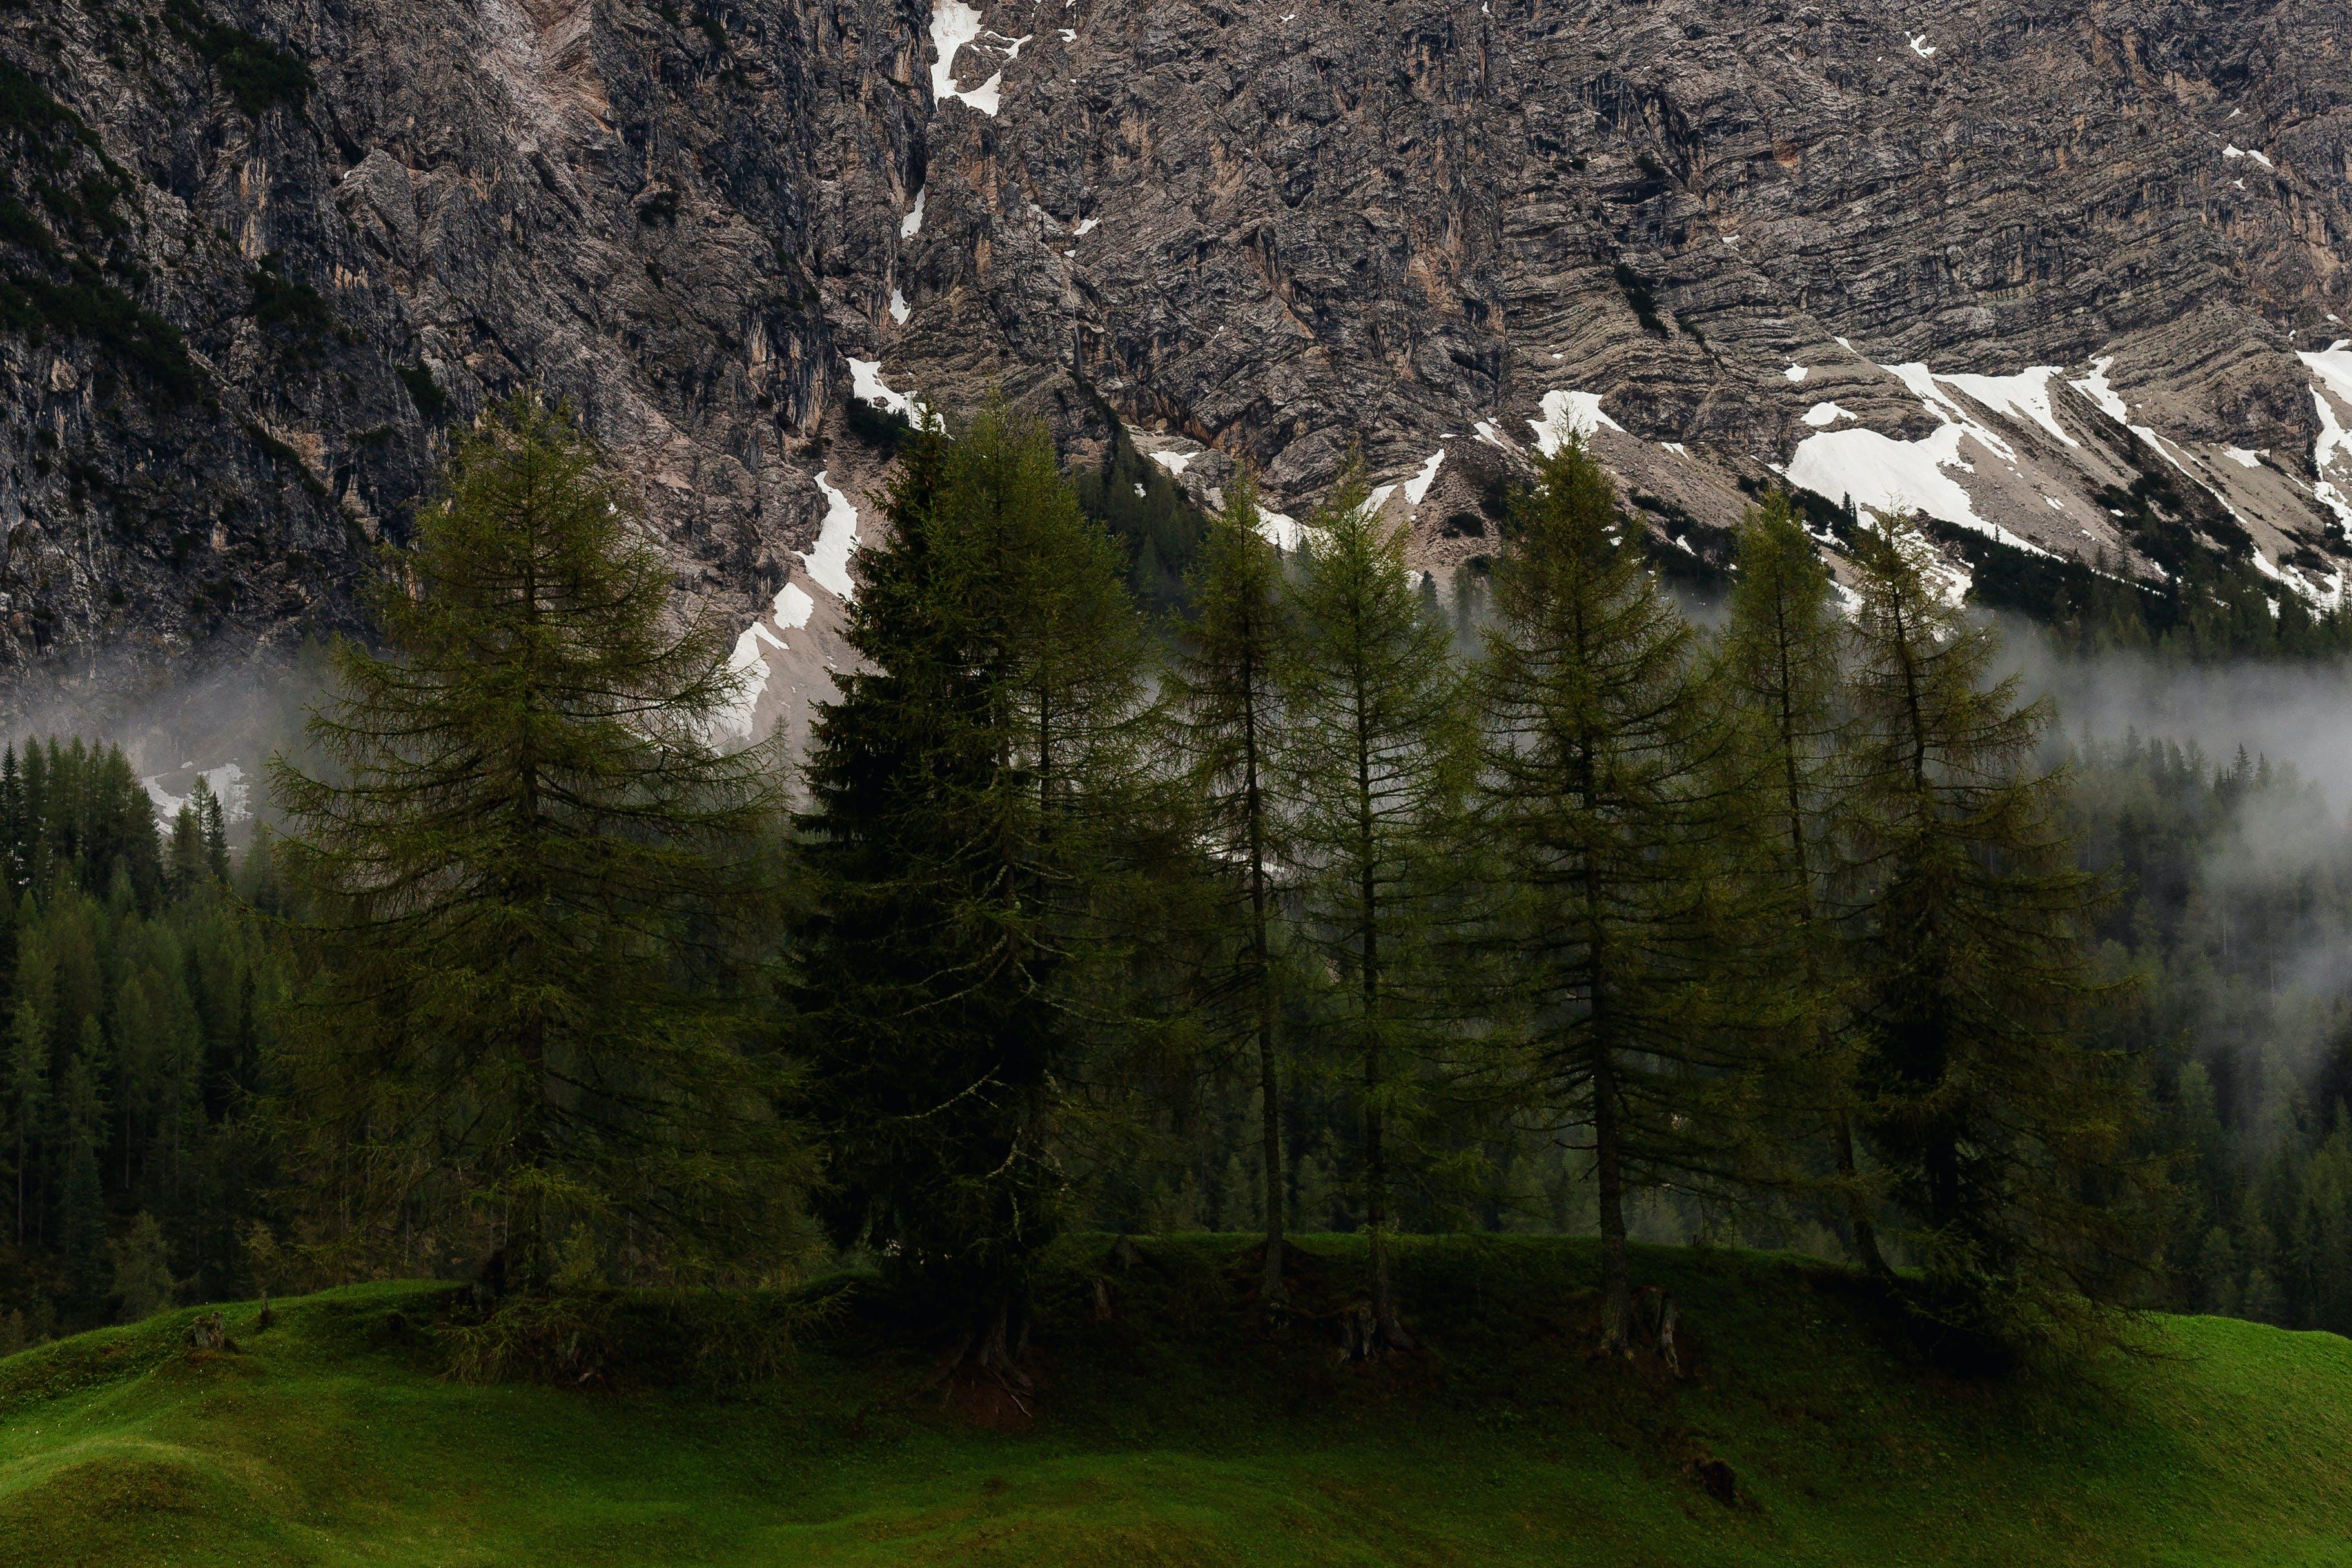 Ảnh lưu trữ miễn phí về cây, có sương mù, Hình nền HD, hình nền mac